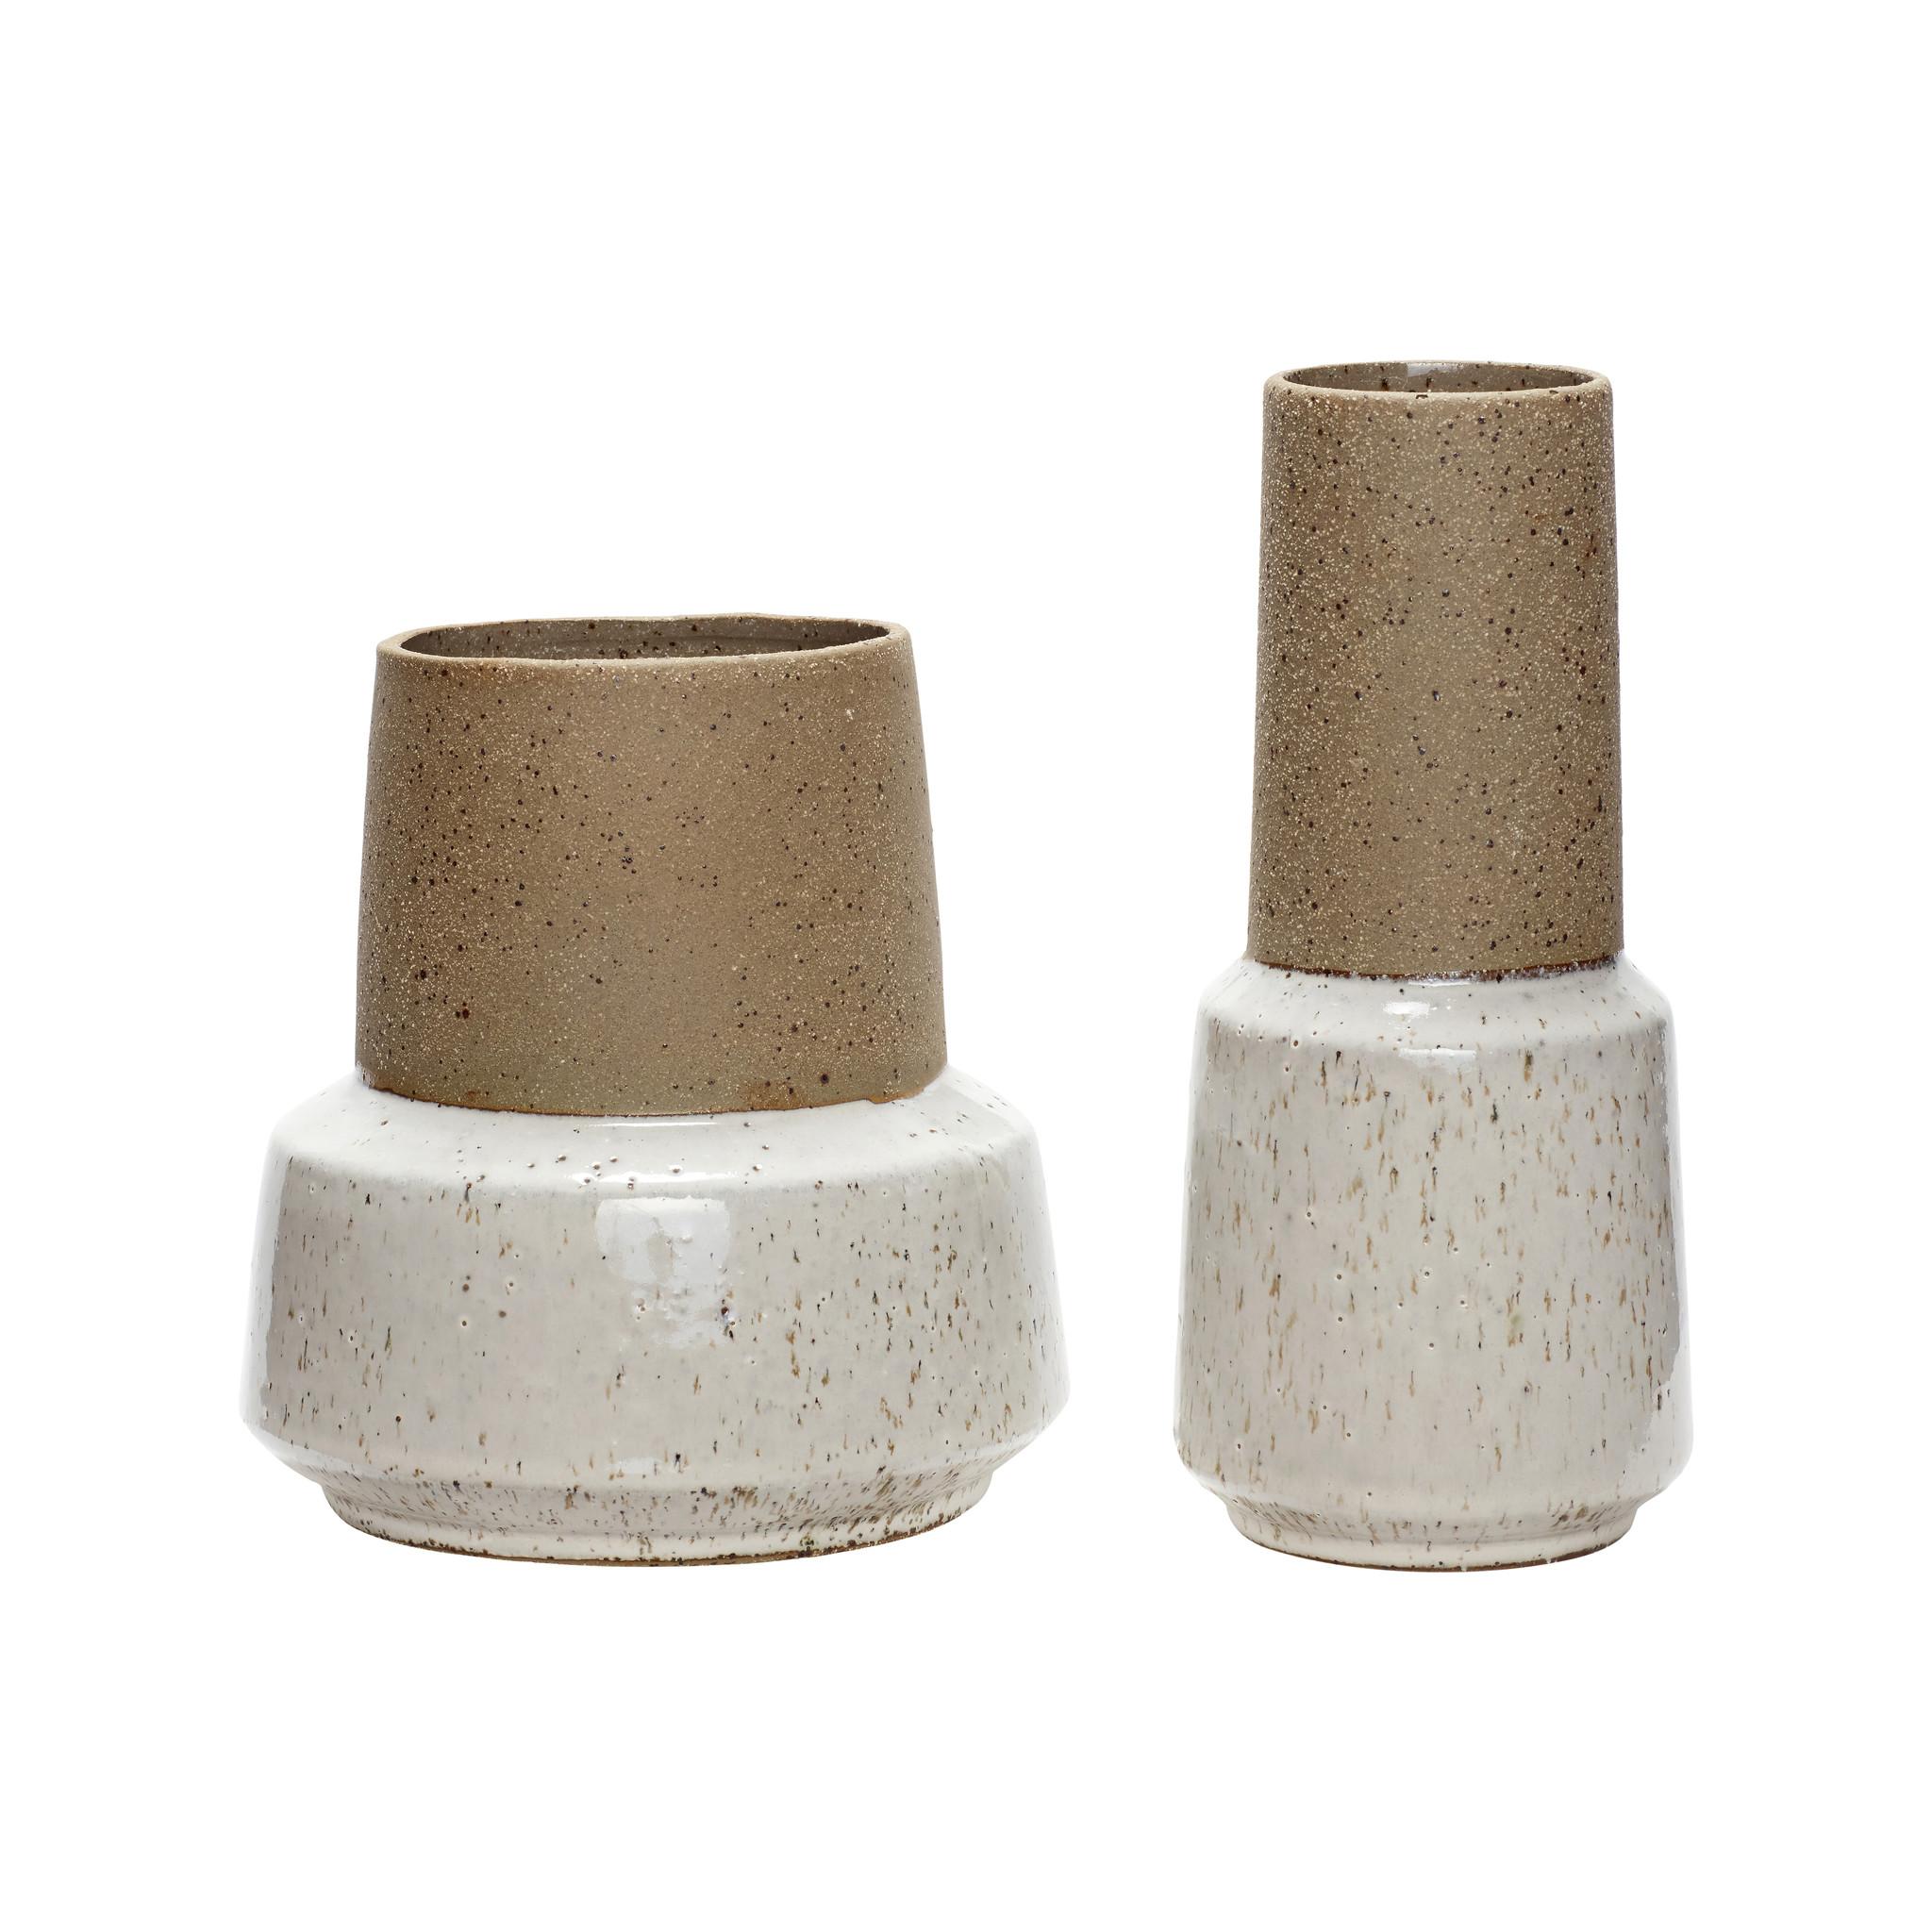 Hubsch Vaas, keramiek, zand / wit, set van 2-760403-5712772052433